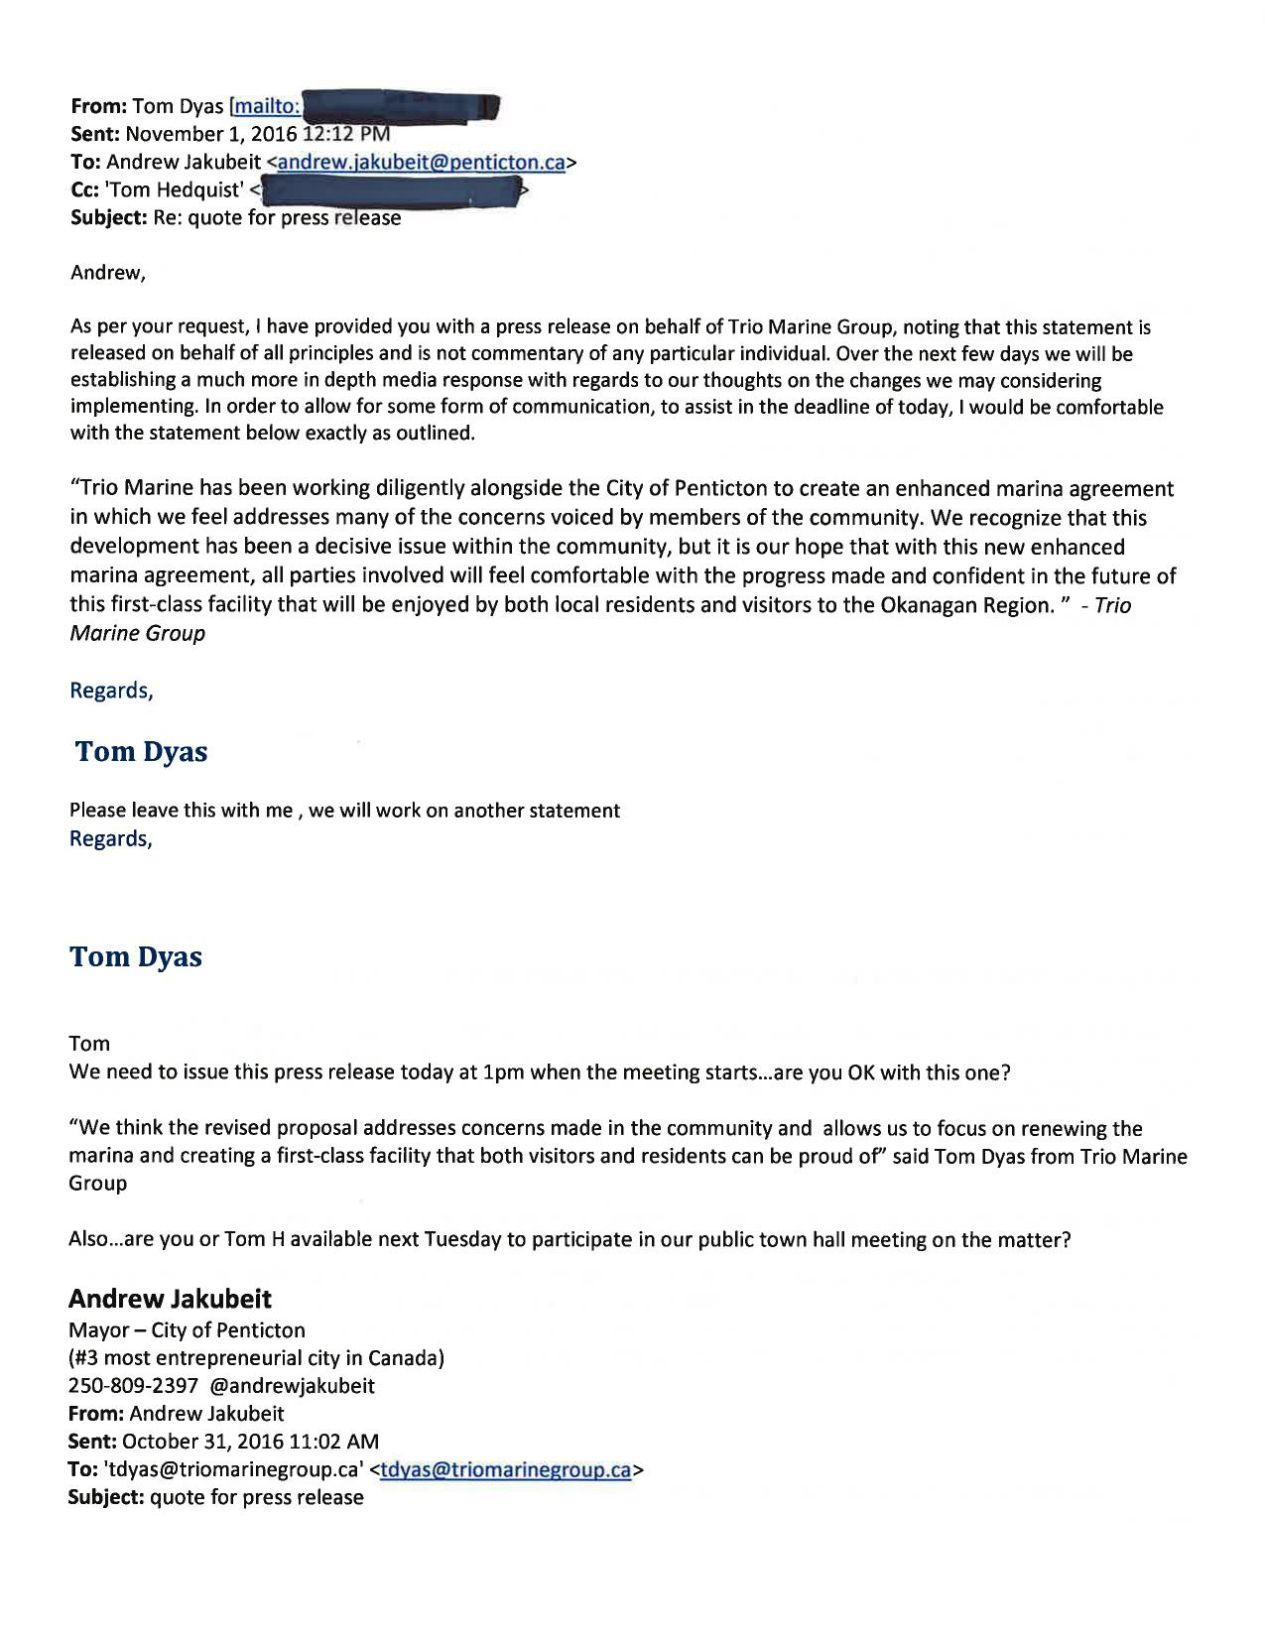 FOI: Correspondence between Jakubeit, Trio owners